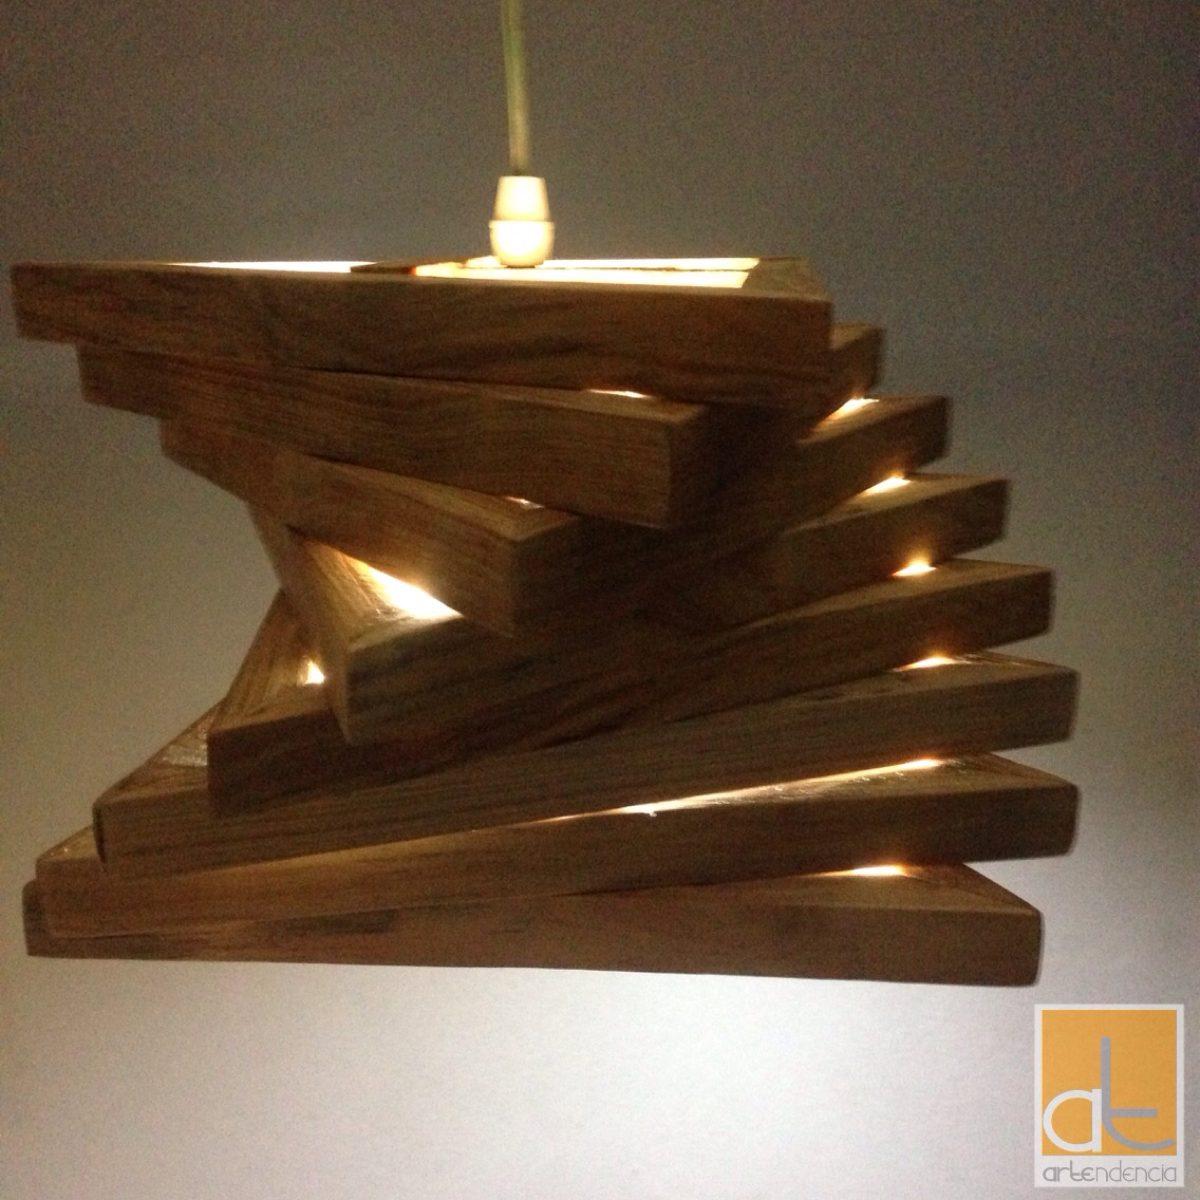 L mpara de madera de techo moderna artendencia helicoidal bs 385 00 en mercado libre - Lamparas de techo madera ...